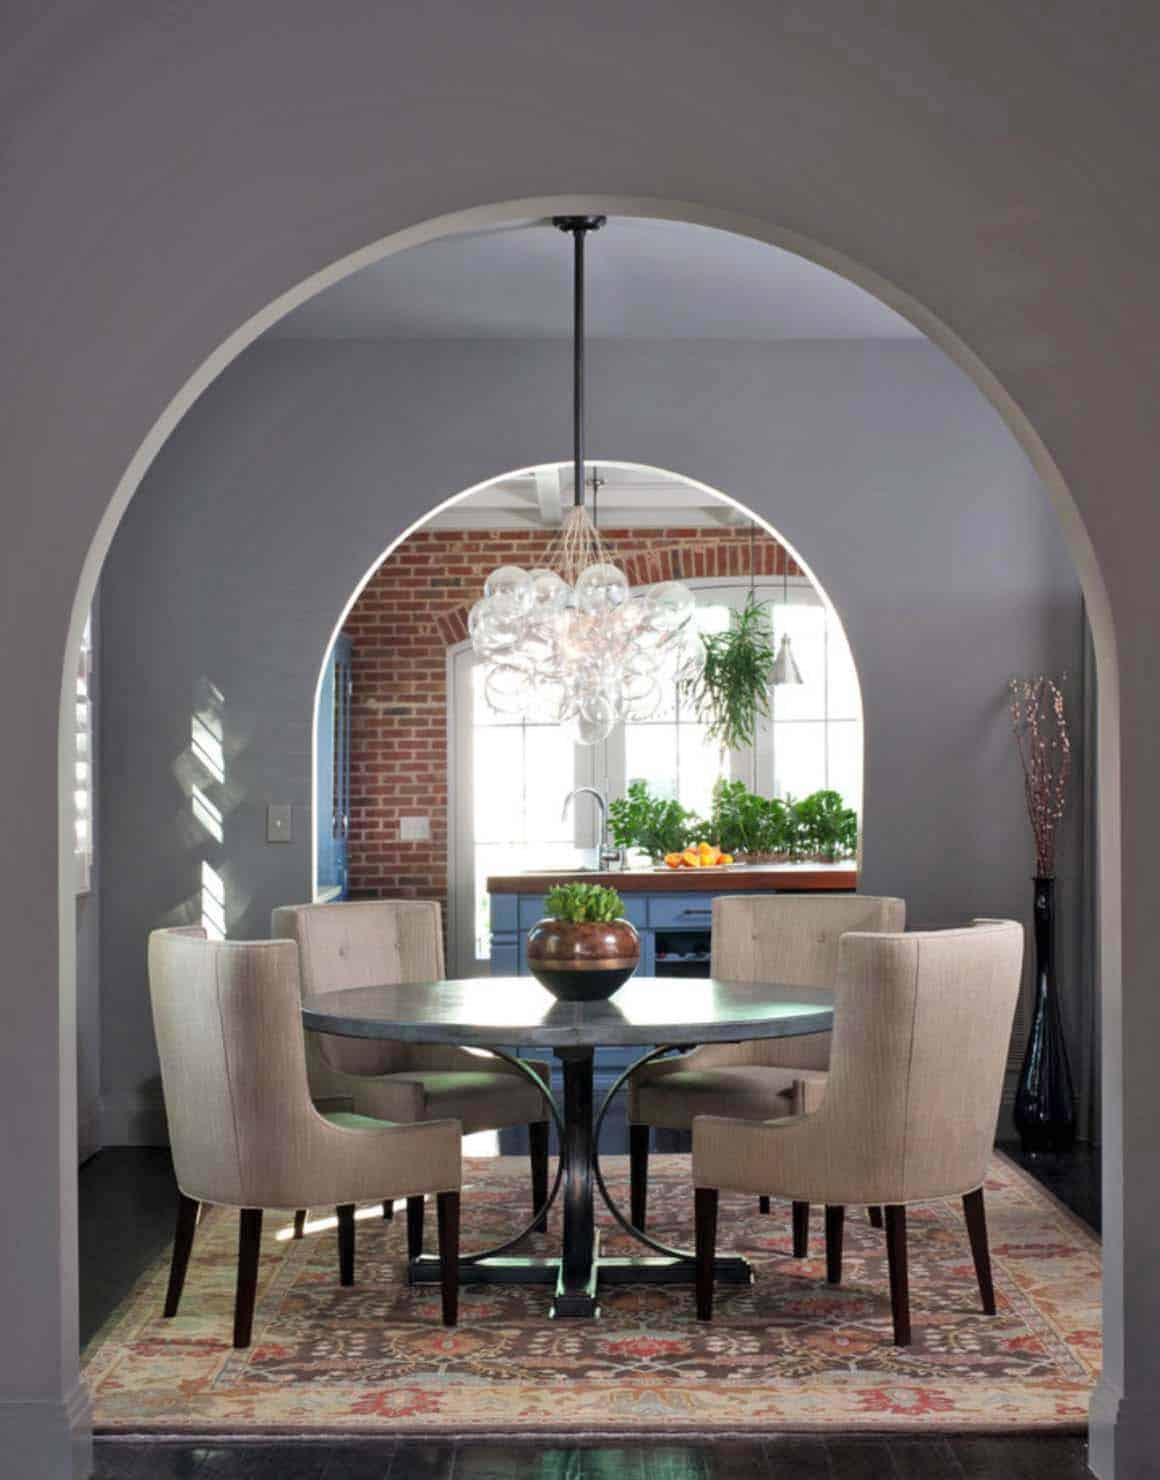 Rénovation de maison de style transitionnel-Lawlor Architects-08-1 Kindesign